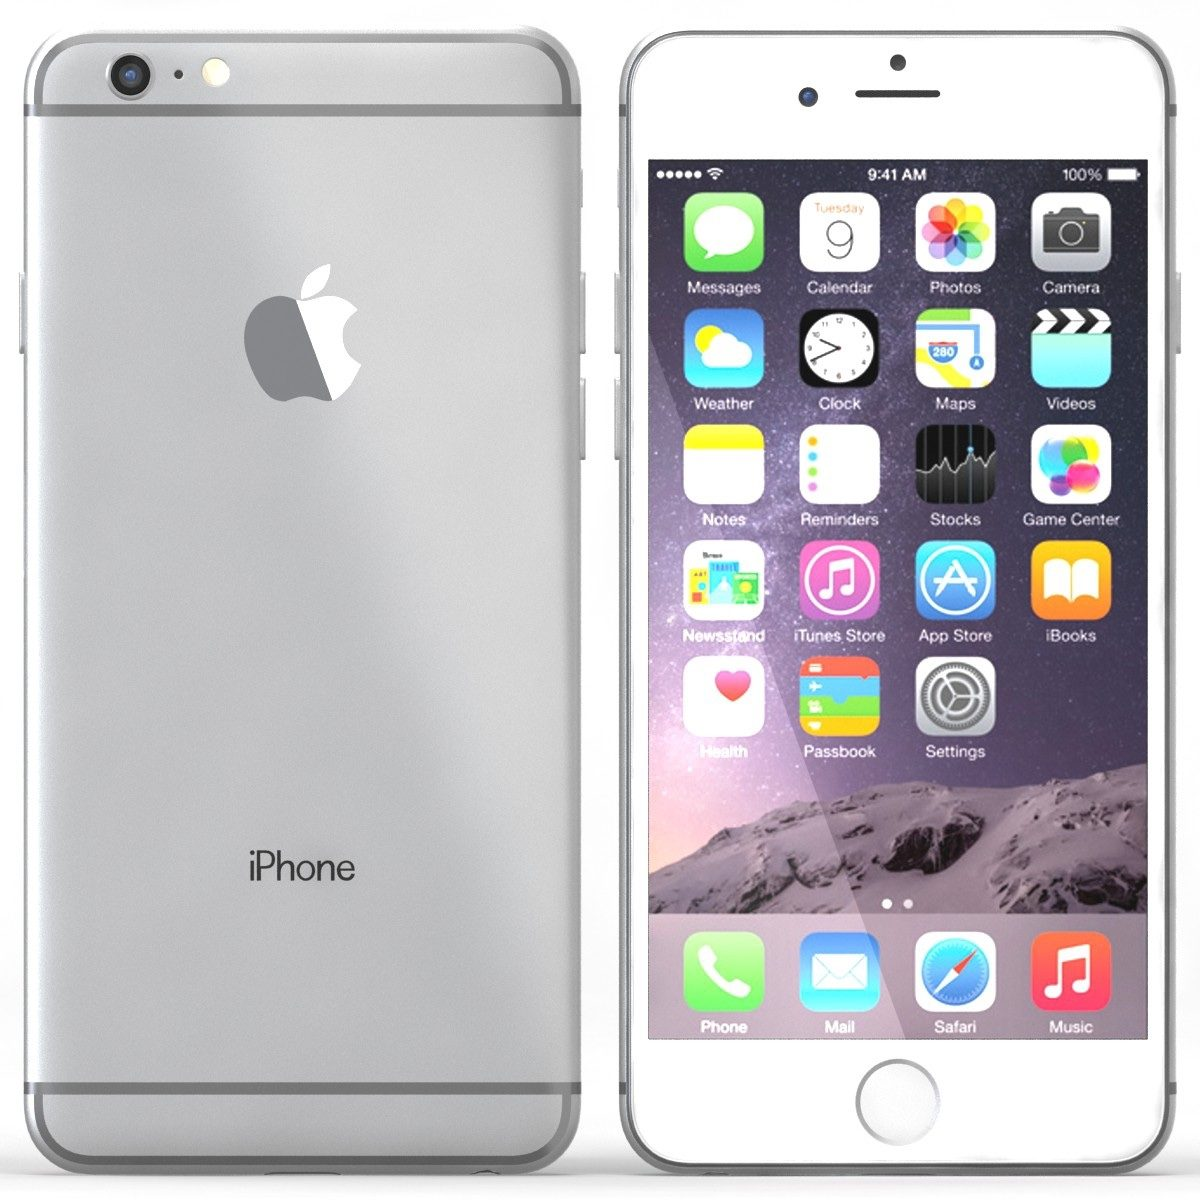 9cdf9ed8fcc97 apple iphone 6 plus 16gb - nuevo garantia apple oficial- p m. Cargando zoom.